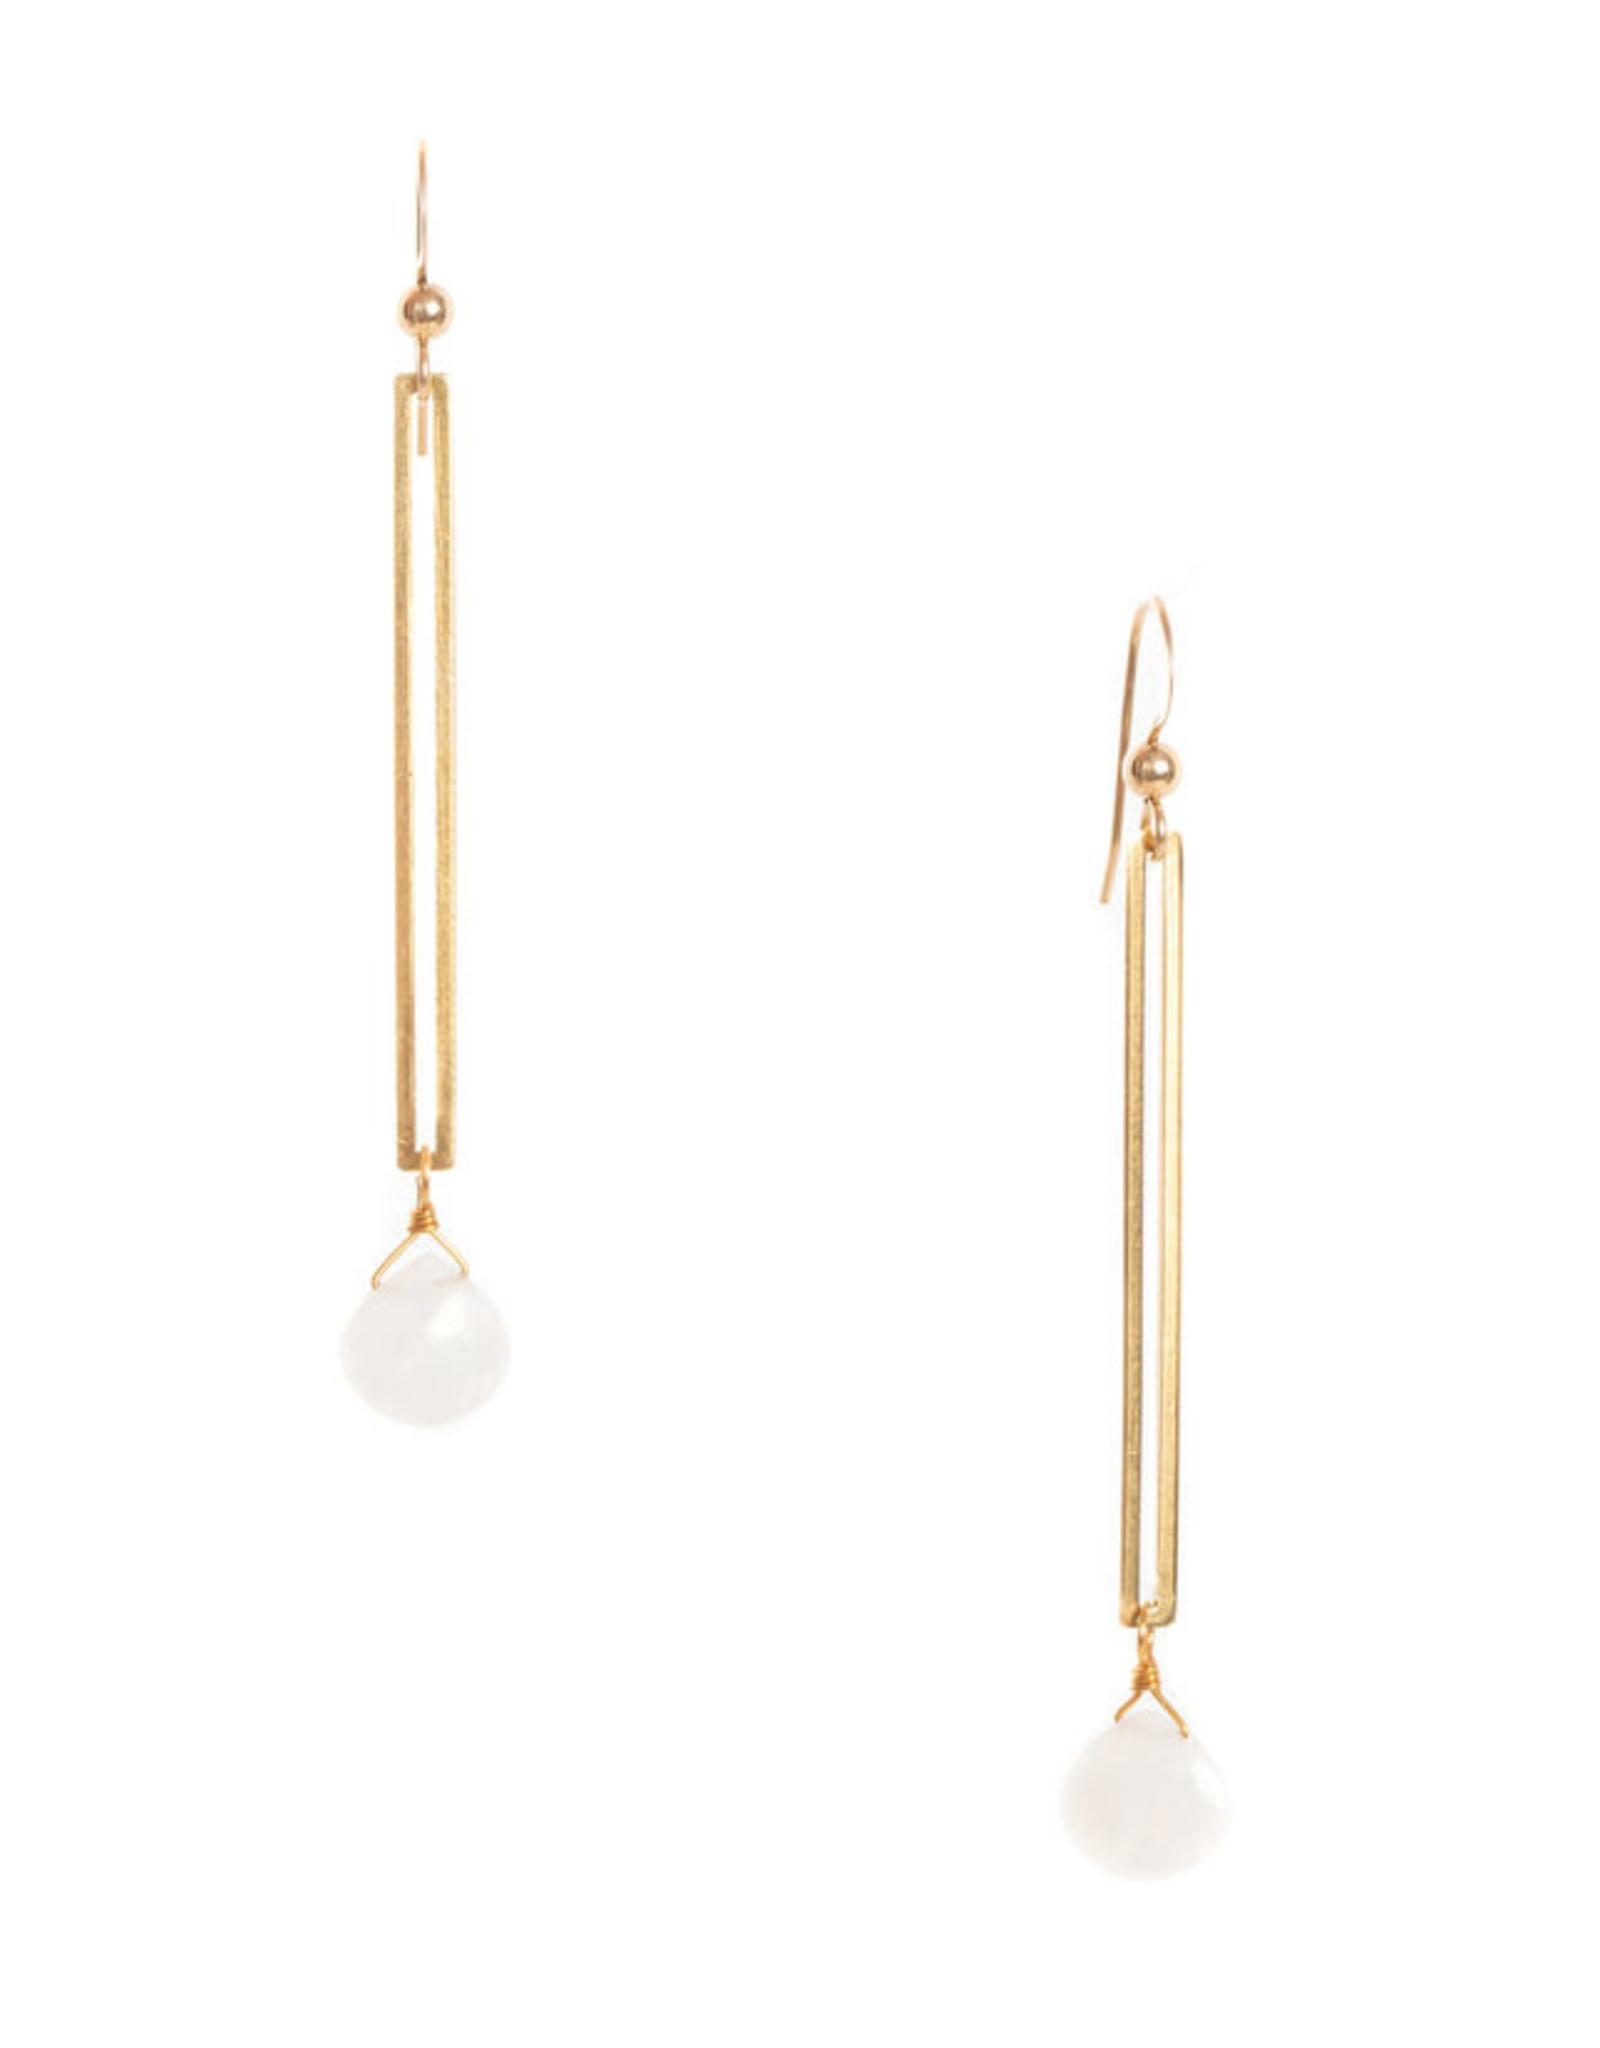 Hailey Gerrits Designs Isla Earrings - Moonstone